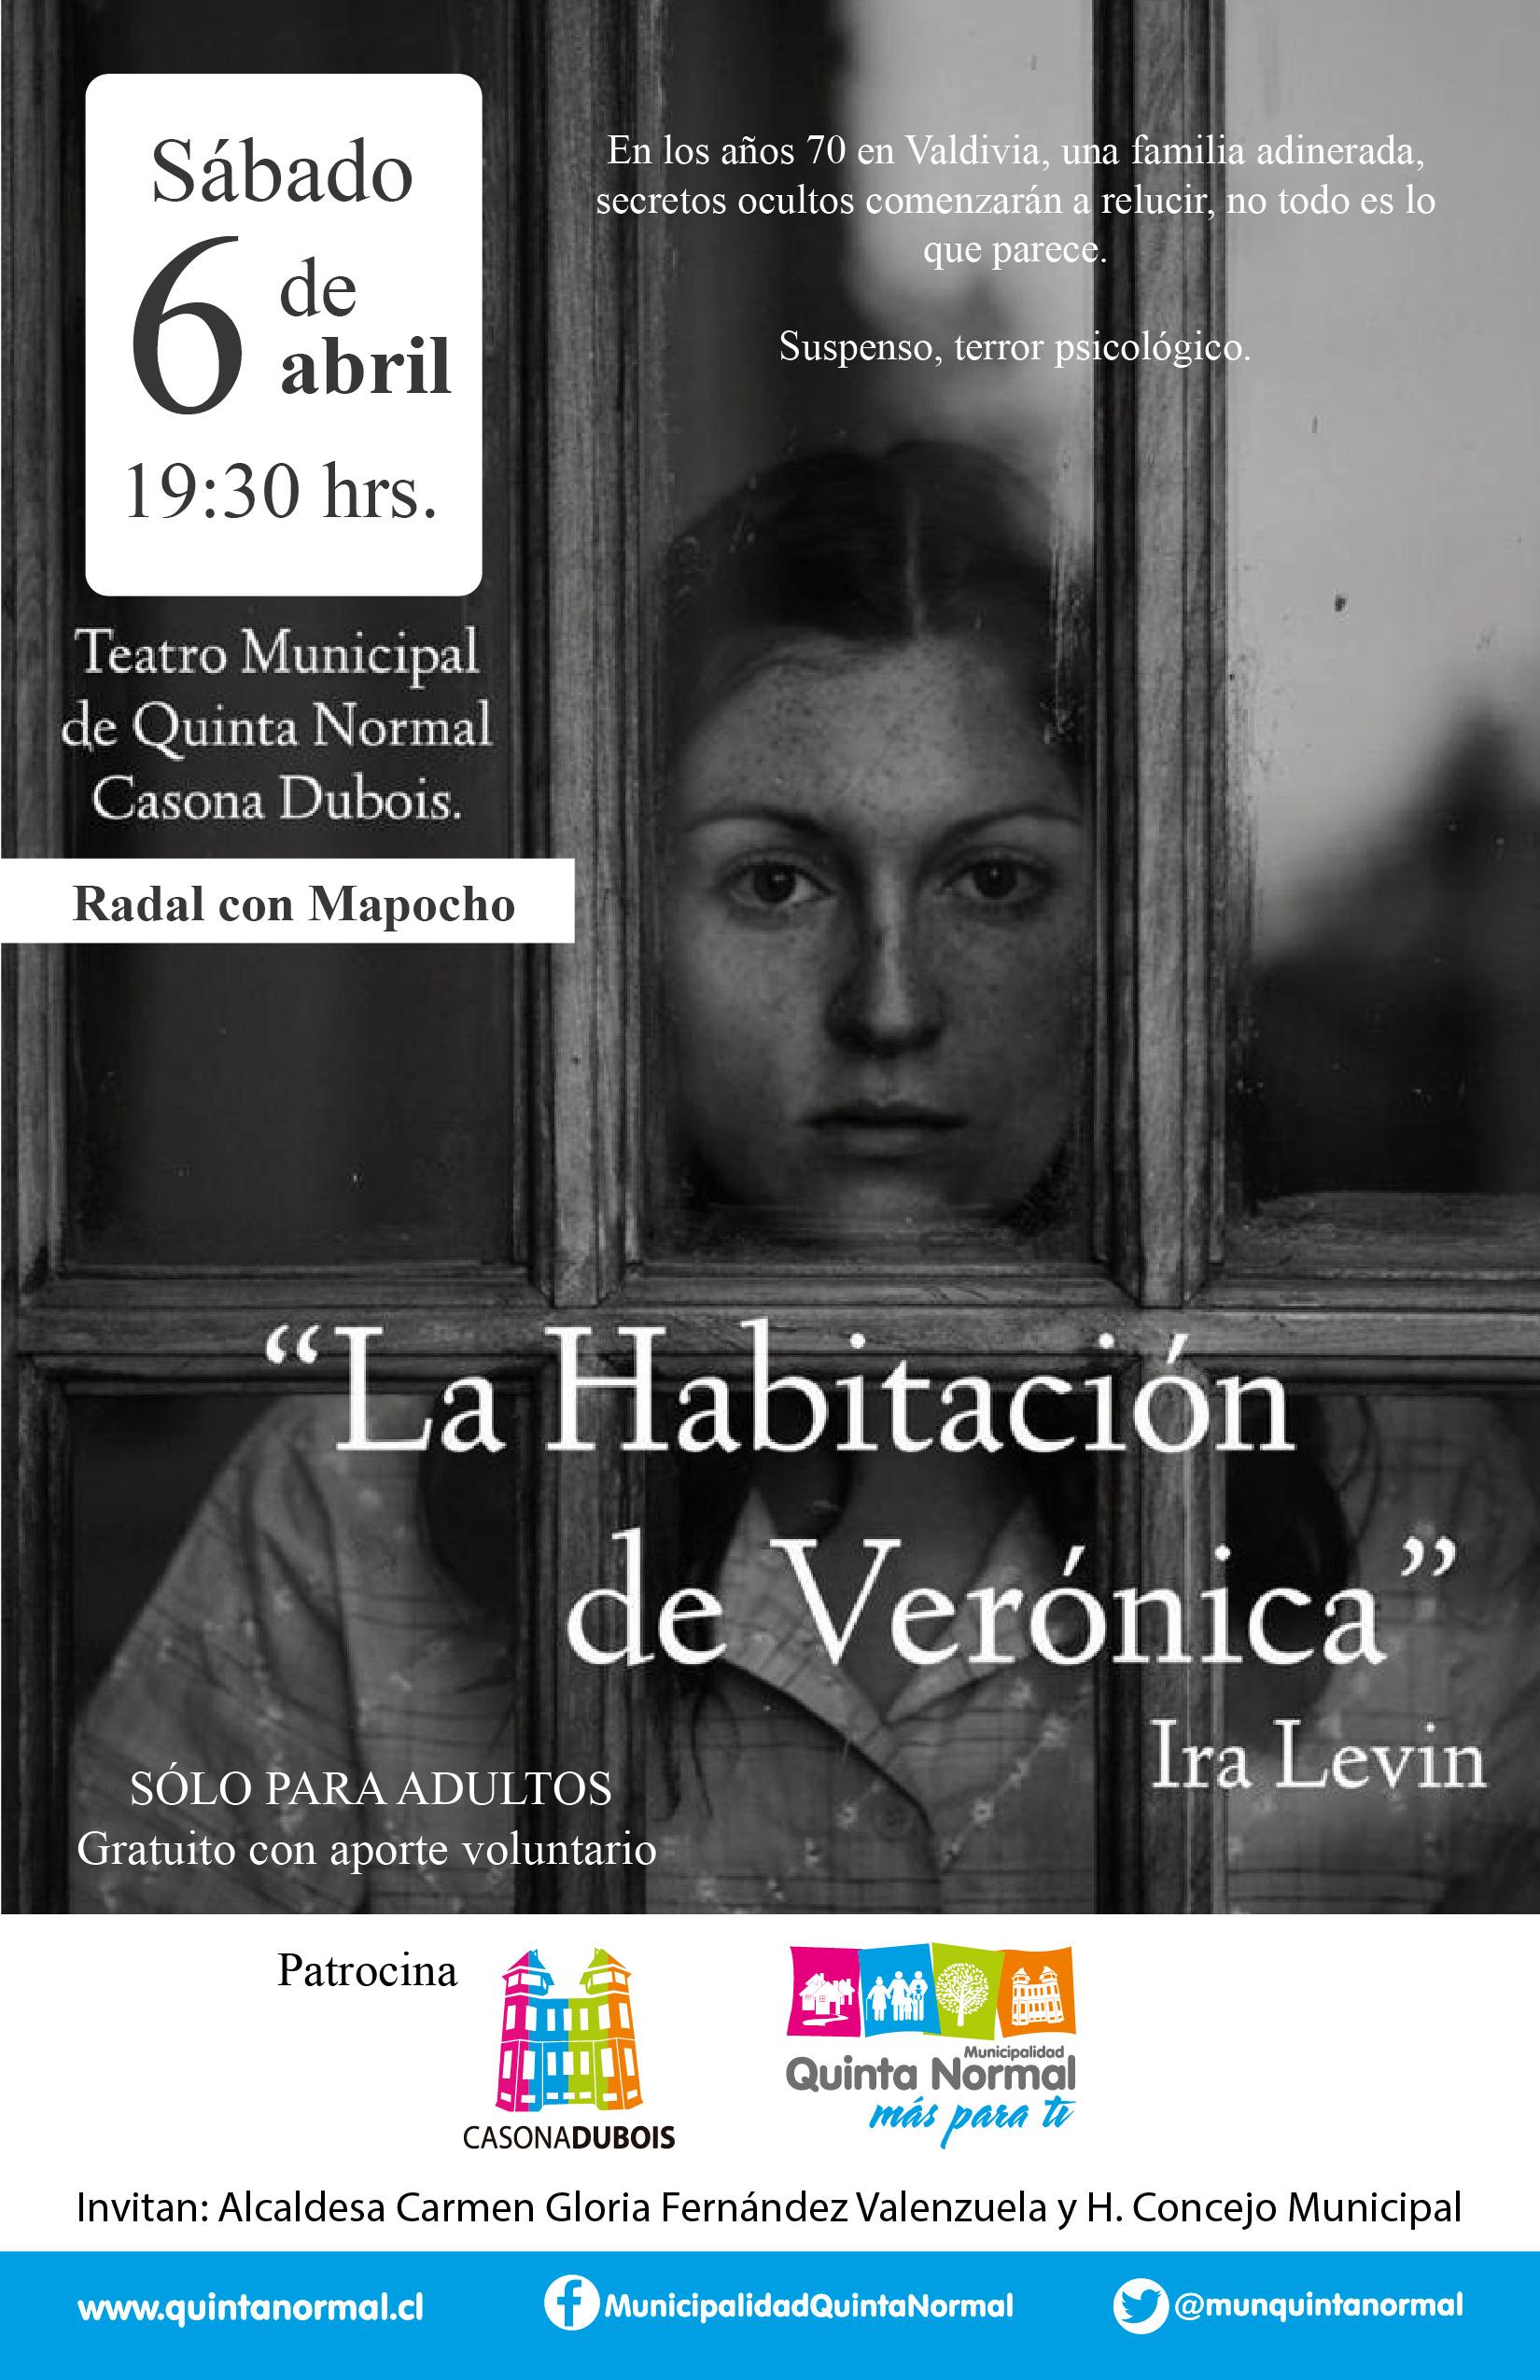 Obra «La Habitación de Verónica» Sábado 06 de abril, 19:30 hrs.